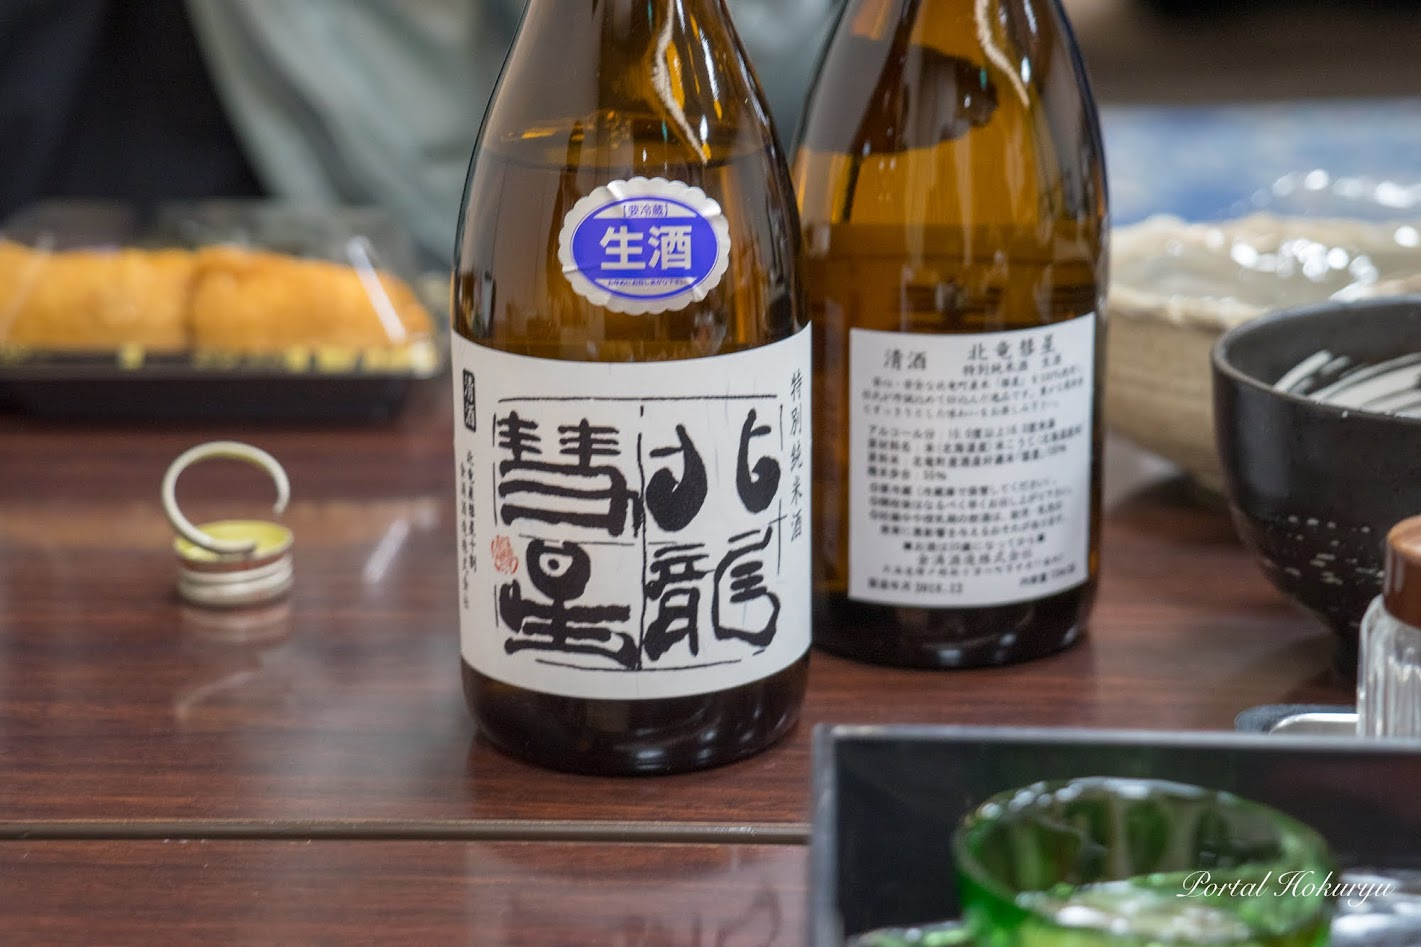 特別純米酒「北竜彗星」生酒